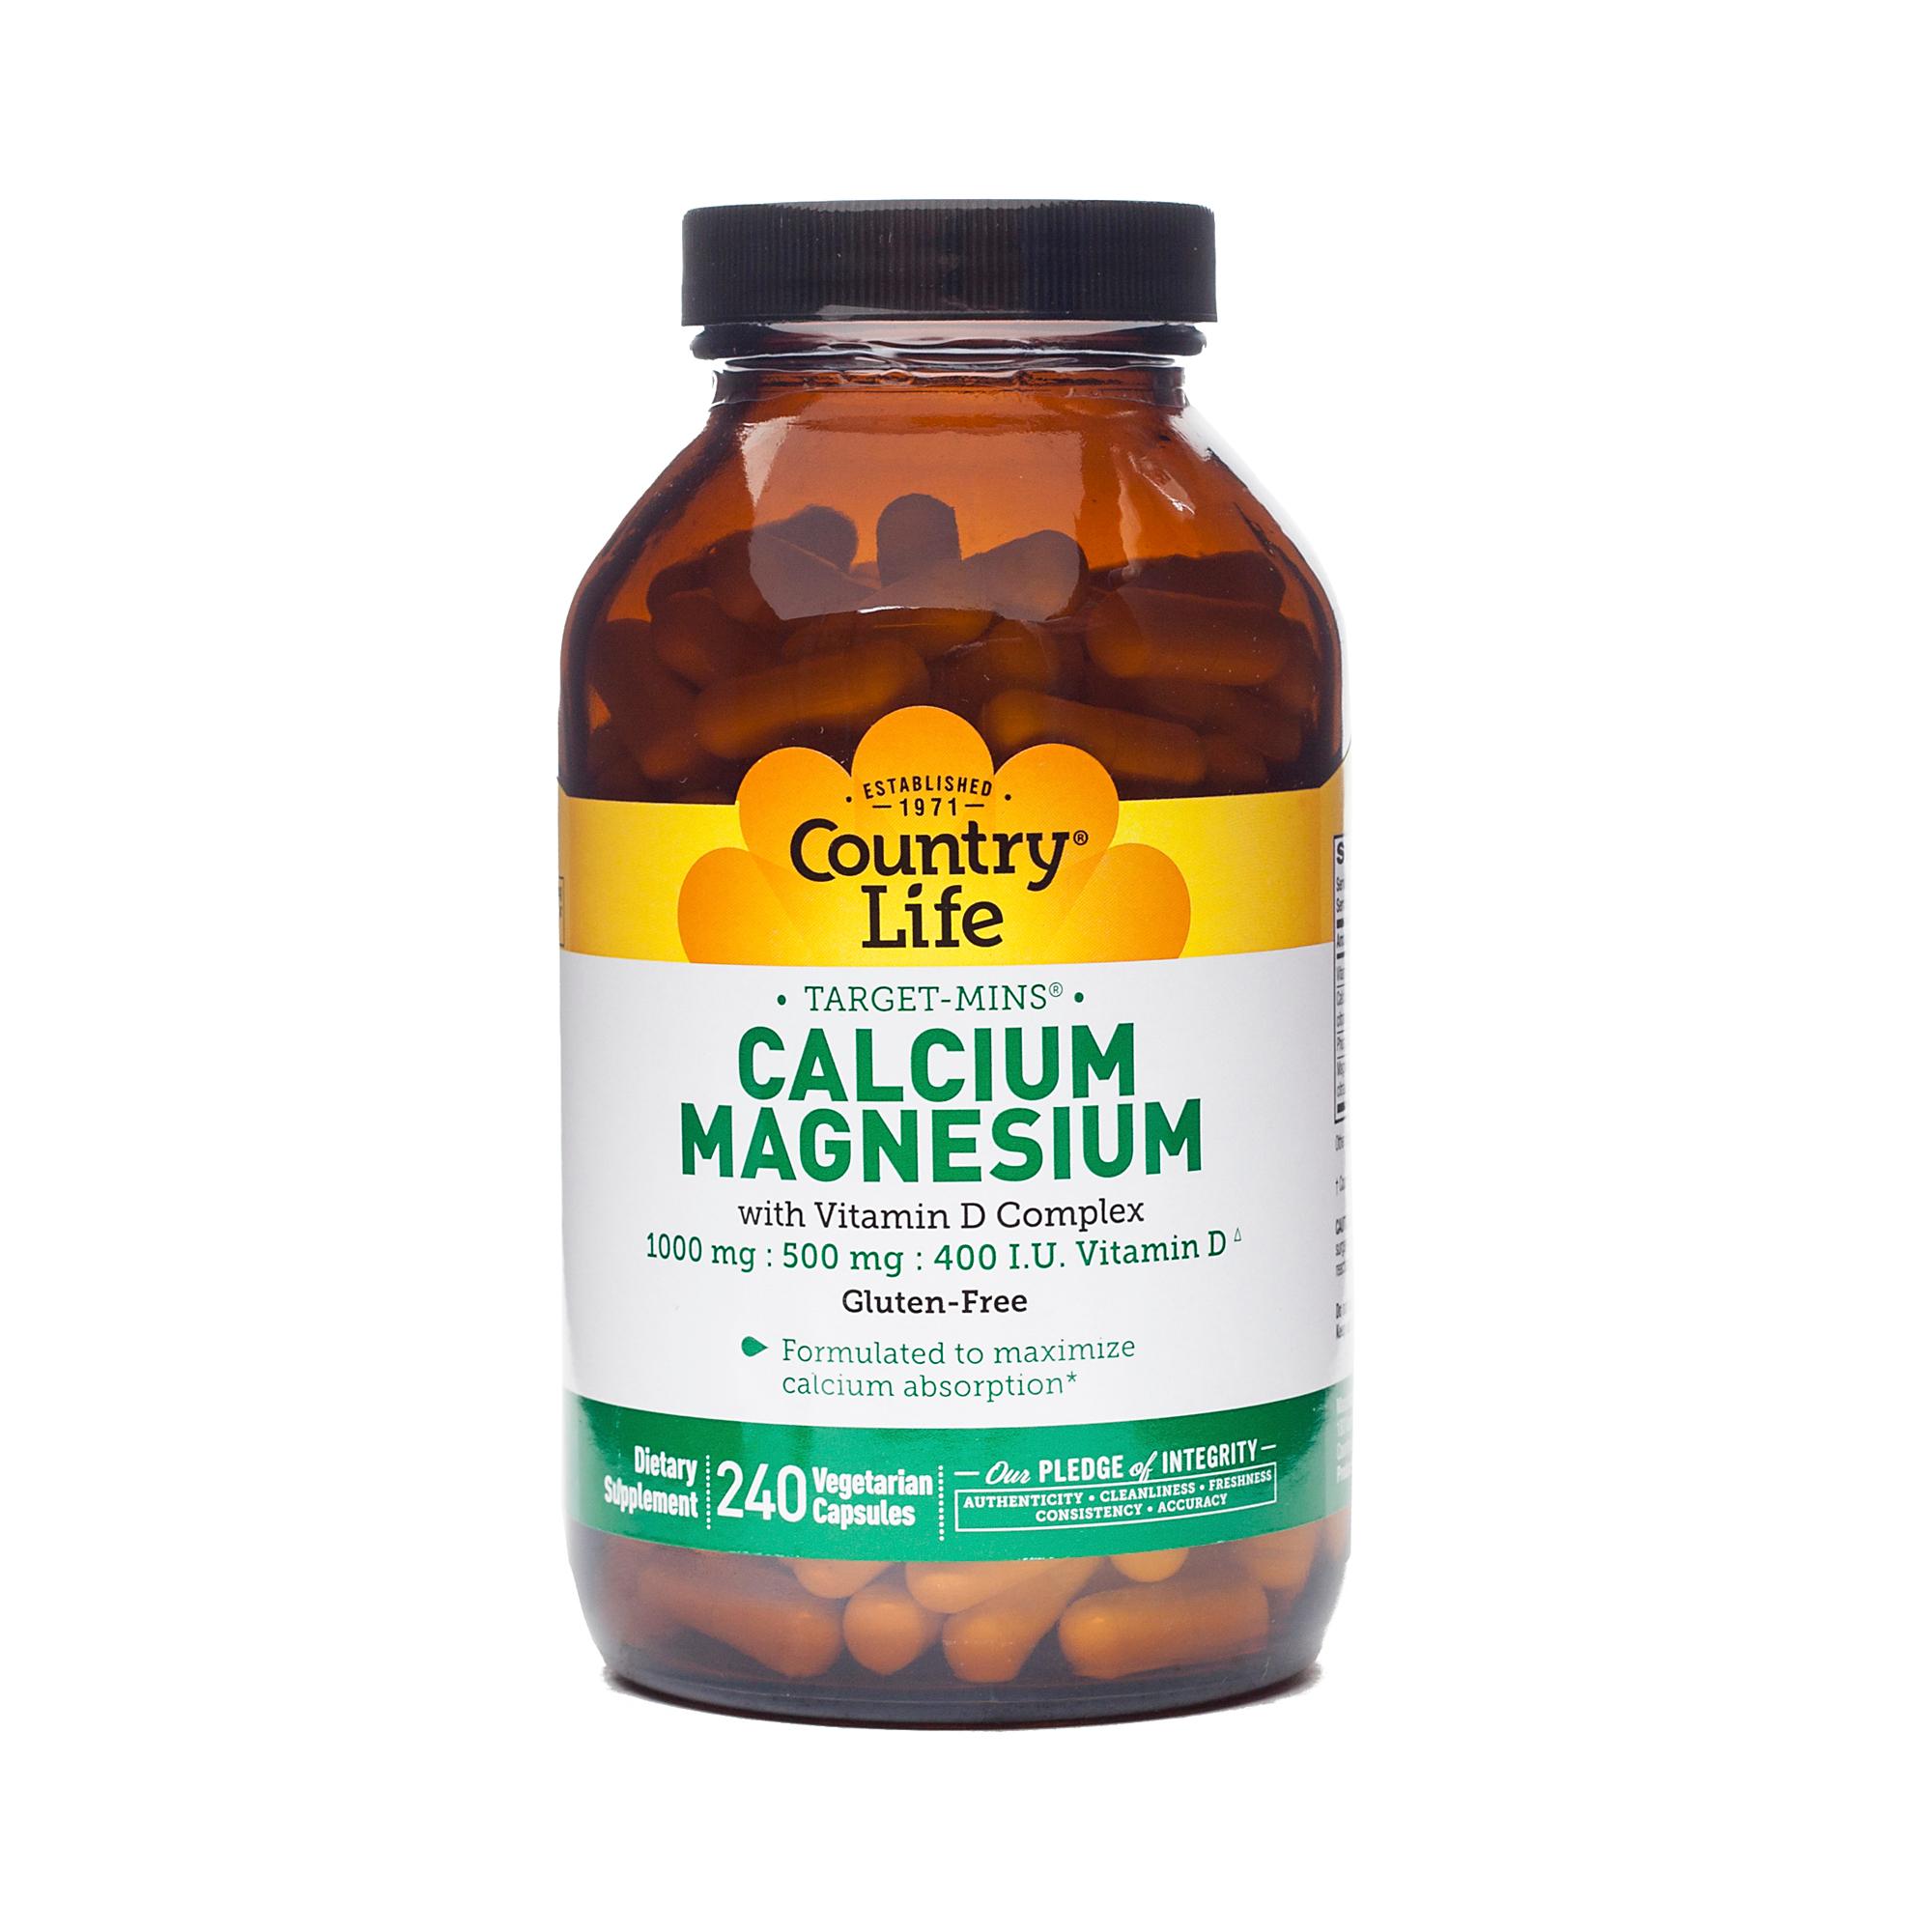 Calcium magnesium vitamin d